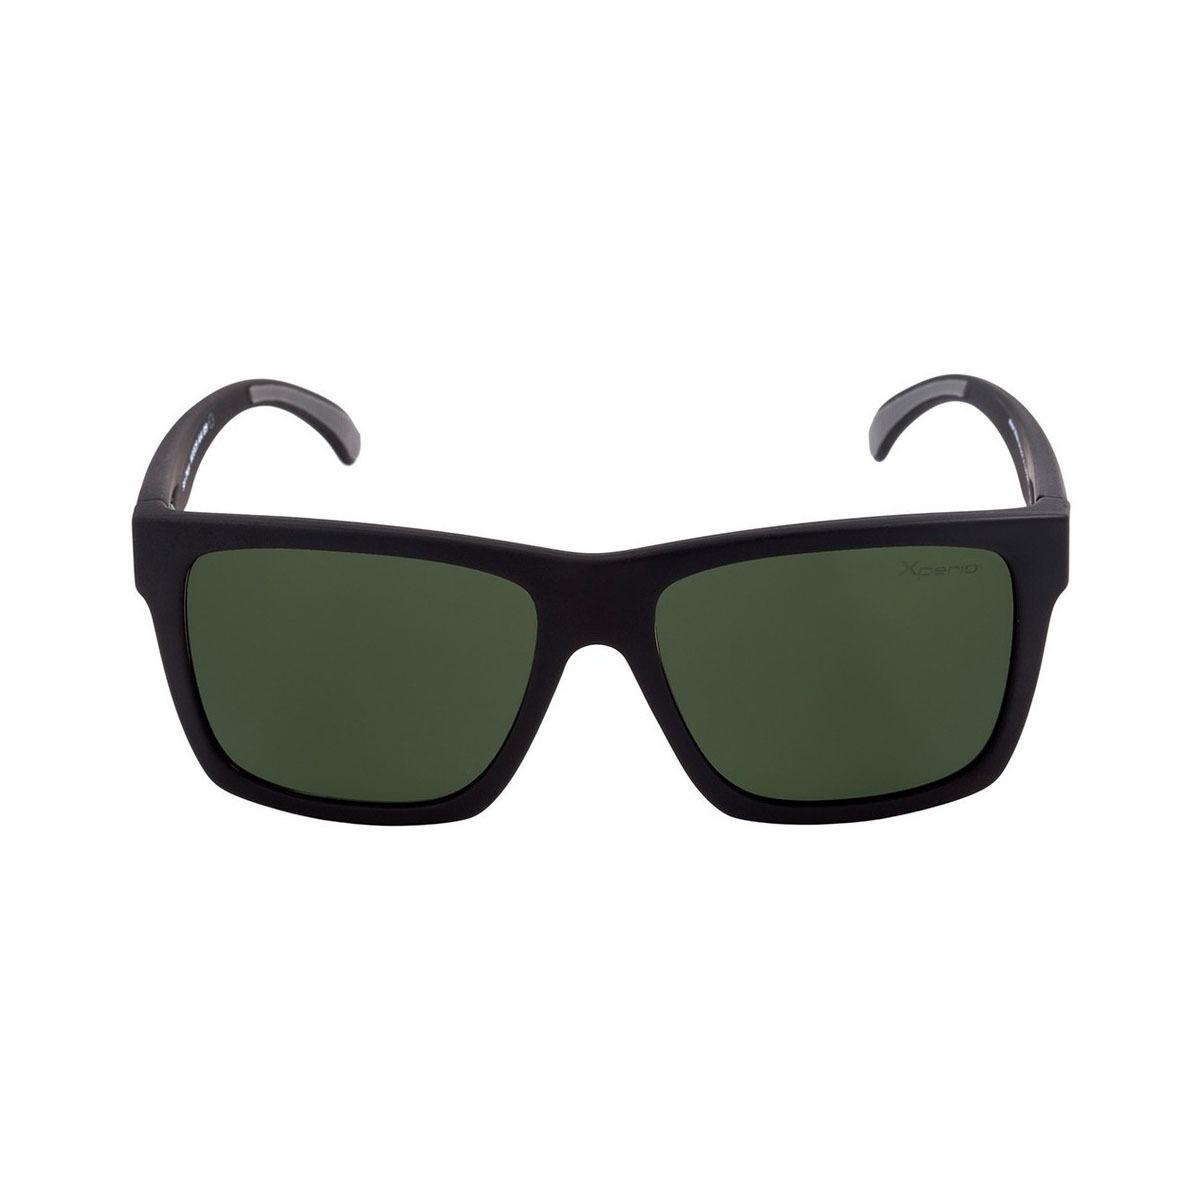 d9b76f824a3f9 óculos mormaii san diego preto fosco lente g15 polarizado. Carregando zoom.